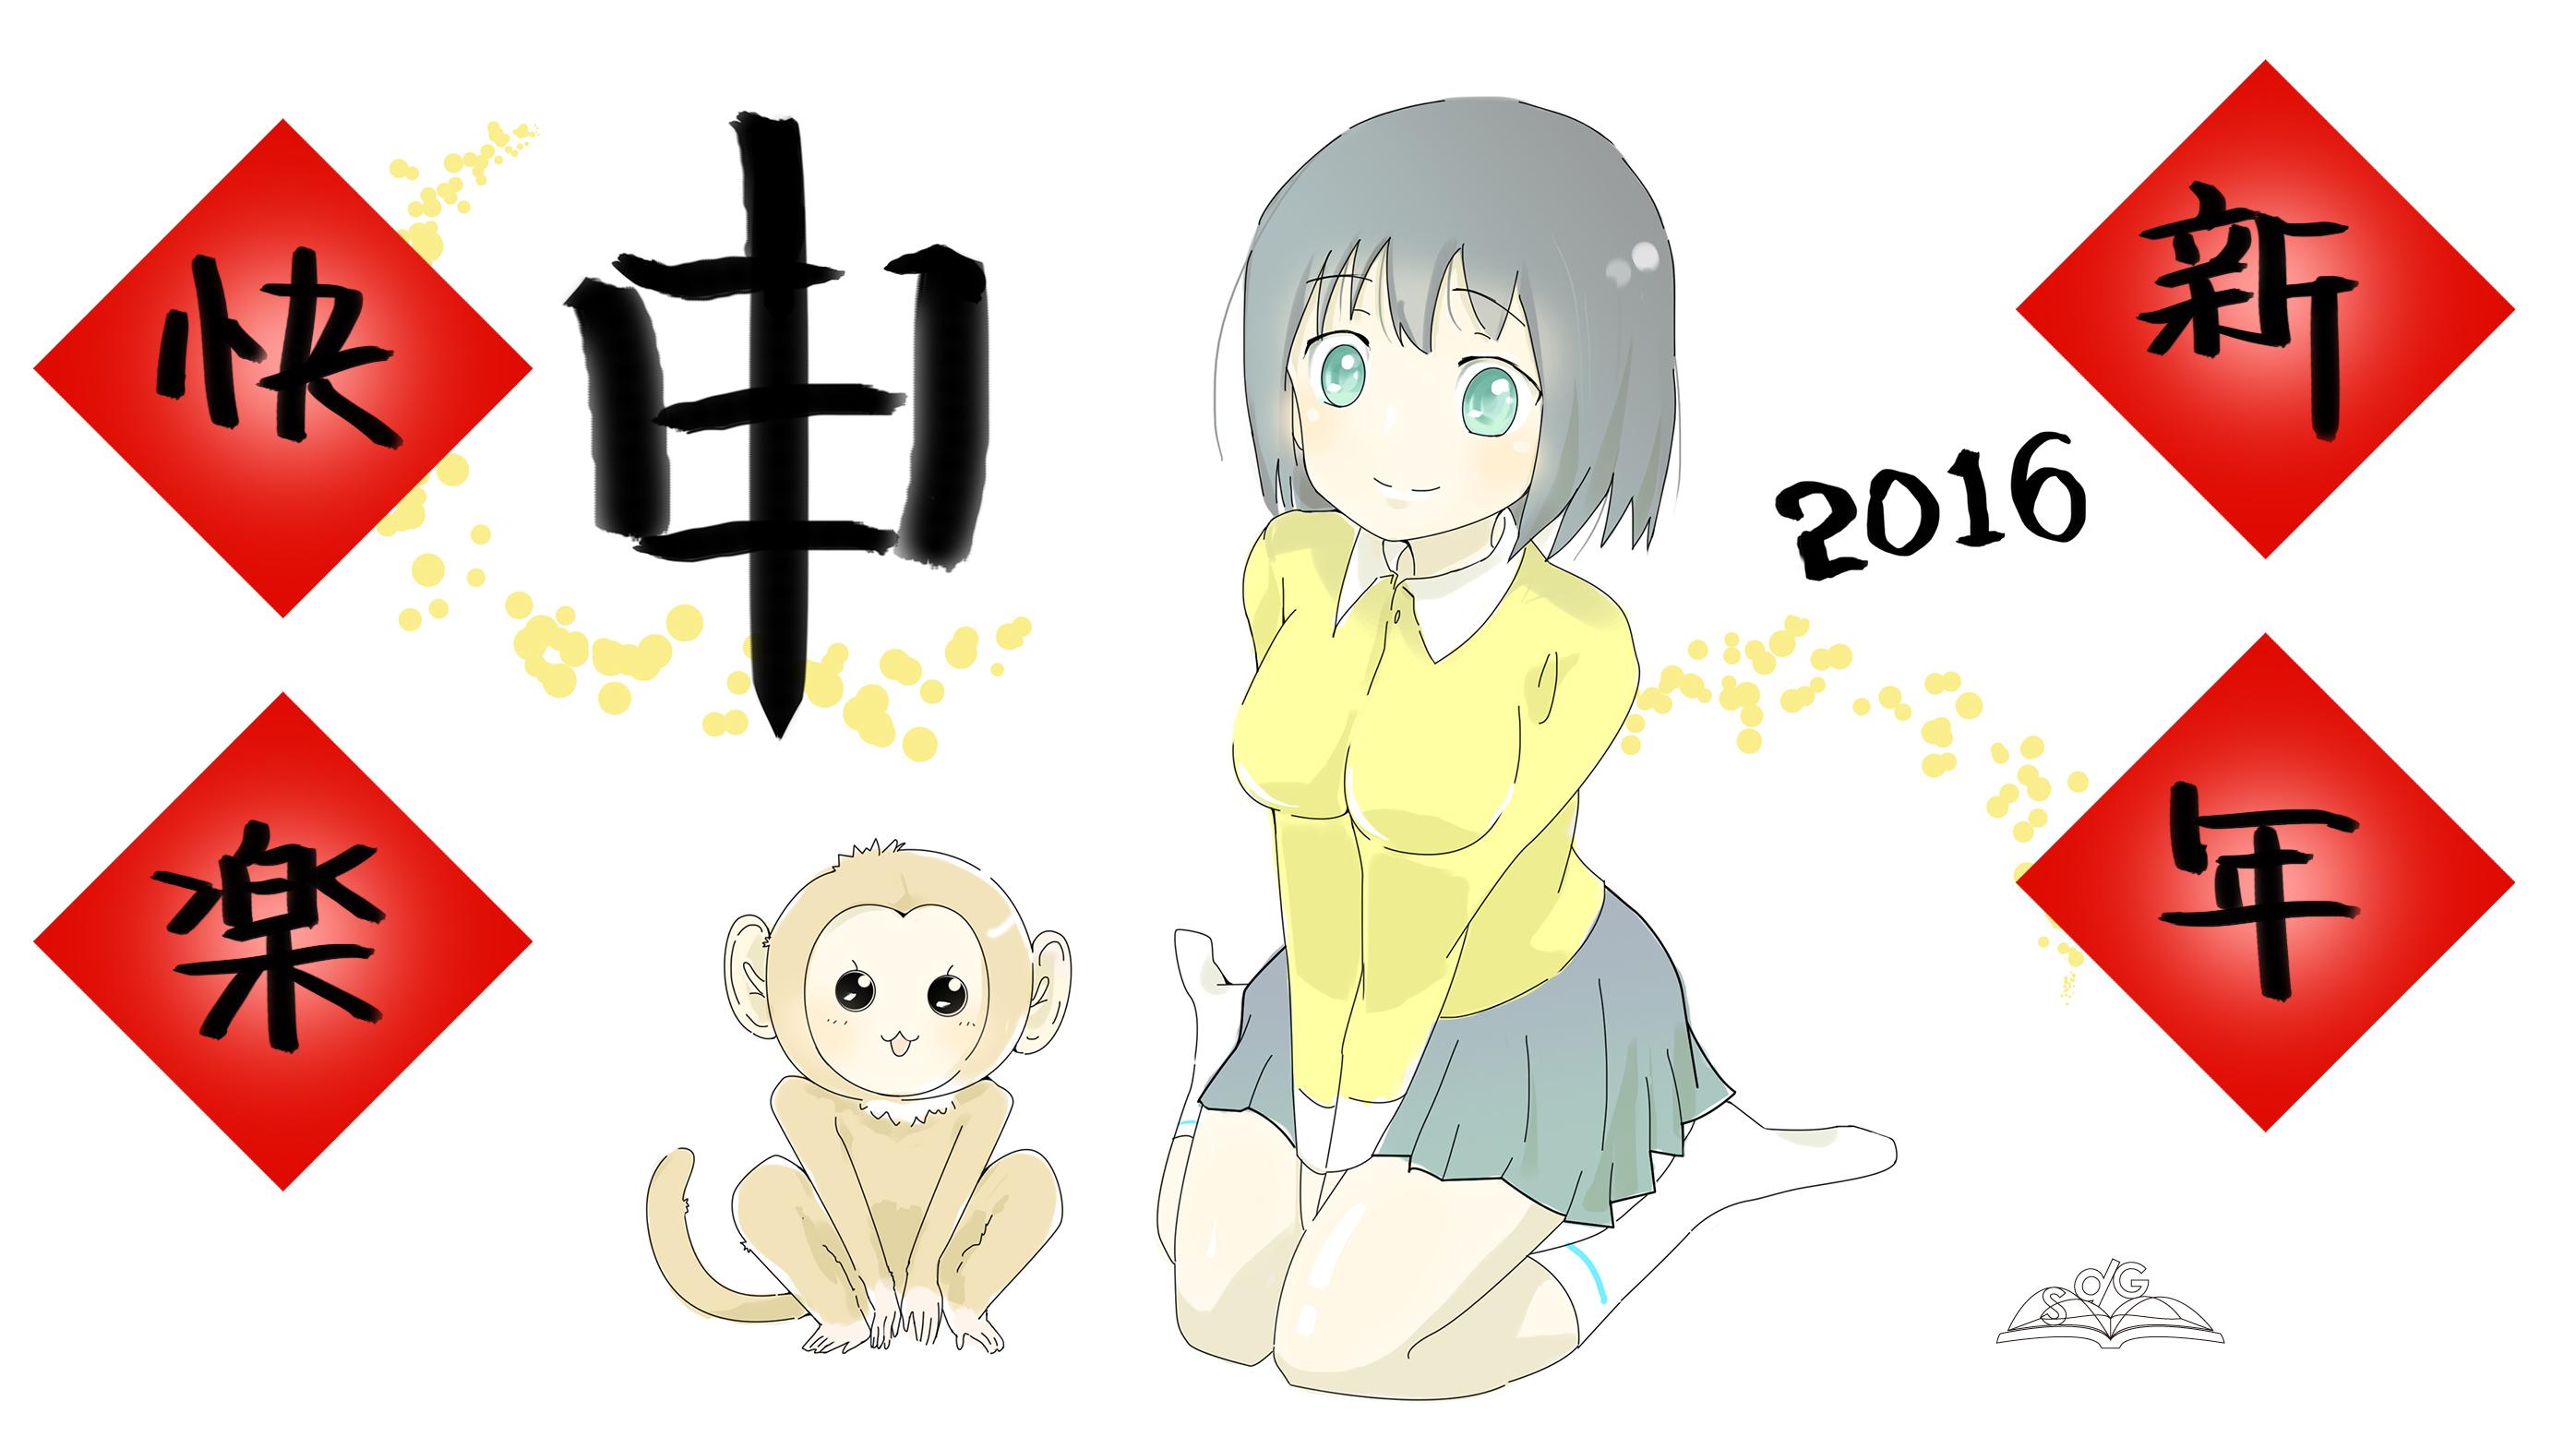 Calendario Giapponese Animali.Si Fa Presto A Dire Buon Anno Cinese Ma Sai Cos E L Eto